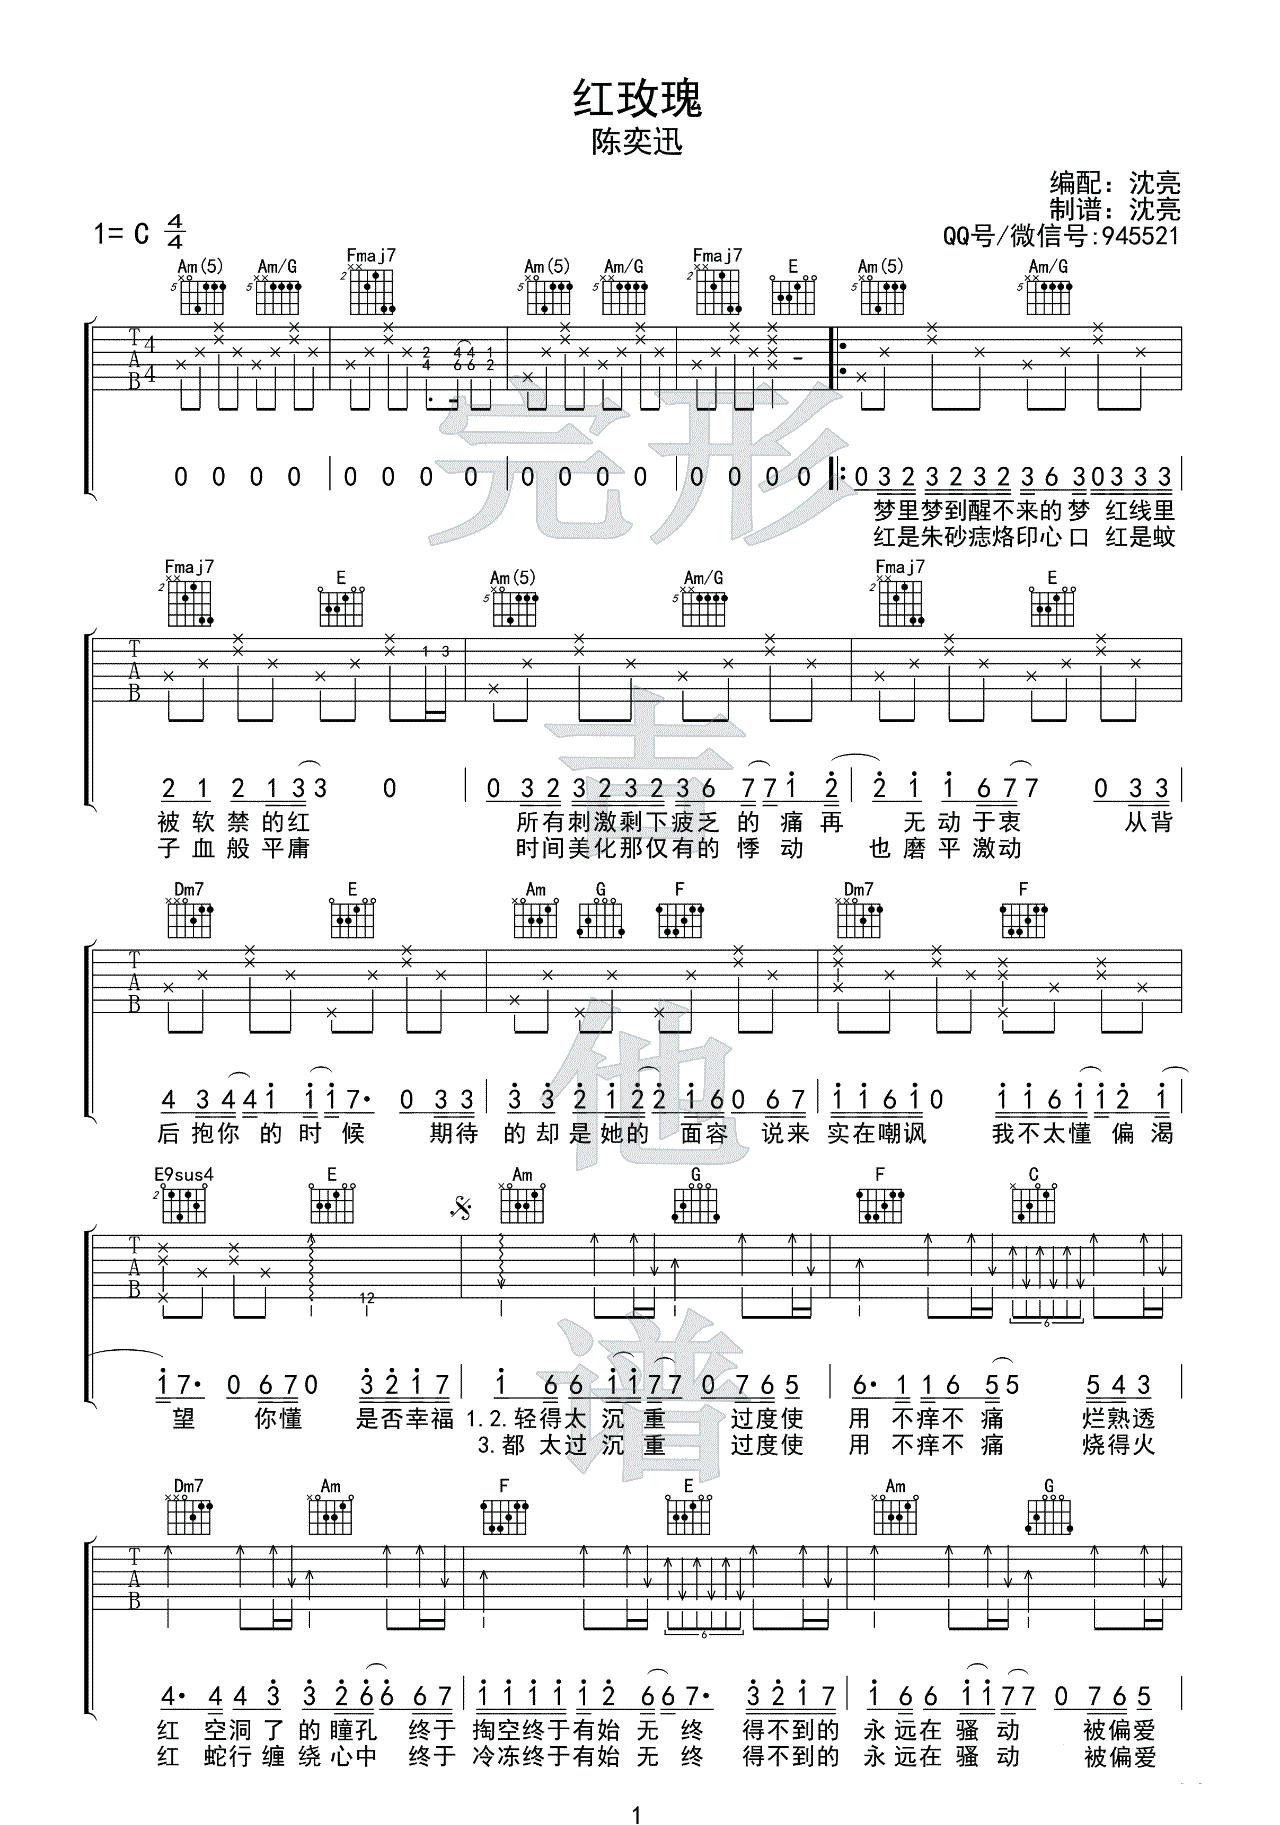 红玫瑰吉他谱_陈奕迅_C调六线谱_吉他弹唱视频-吉他谱-C大调音乐网